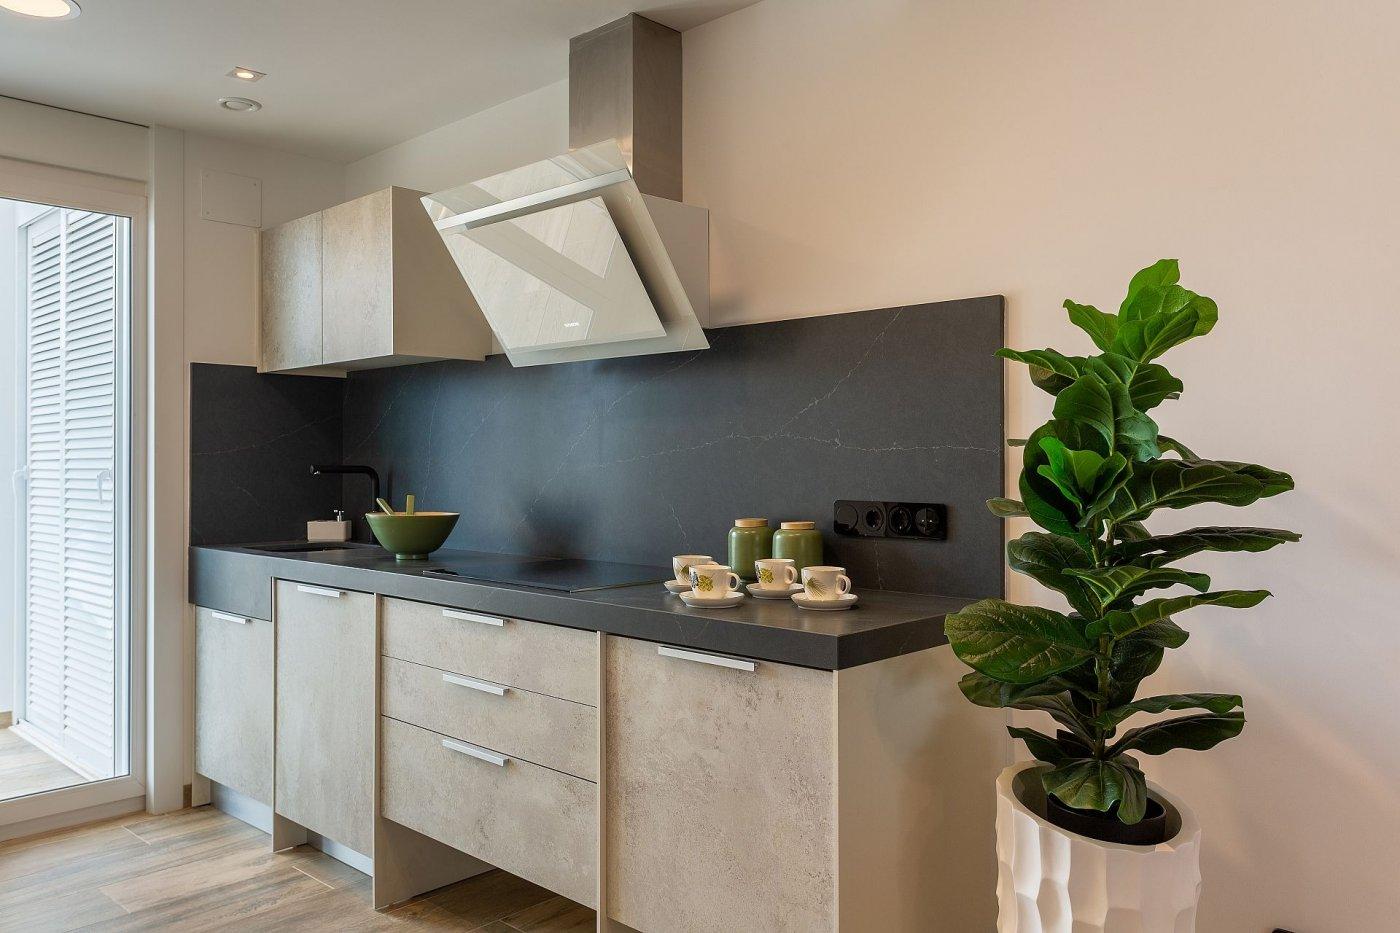 Complejo residencial de obra nueva en punta prima - imagenInmueble9